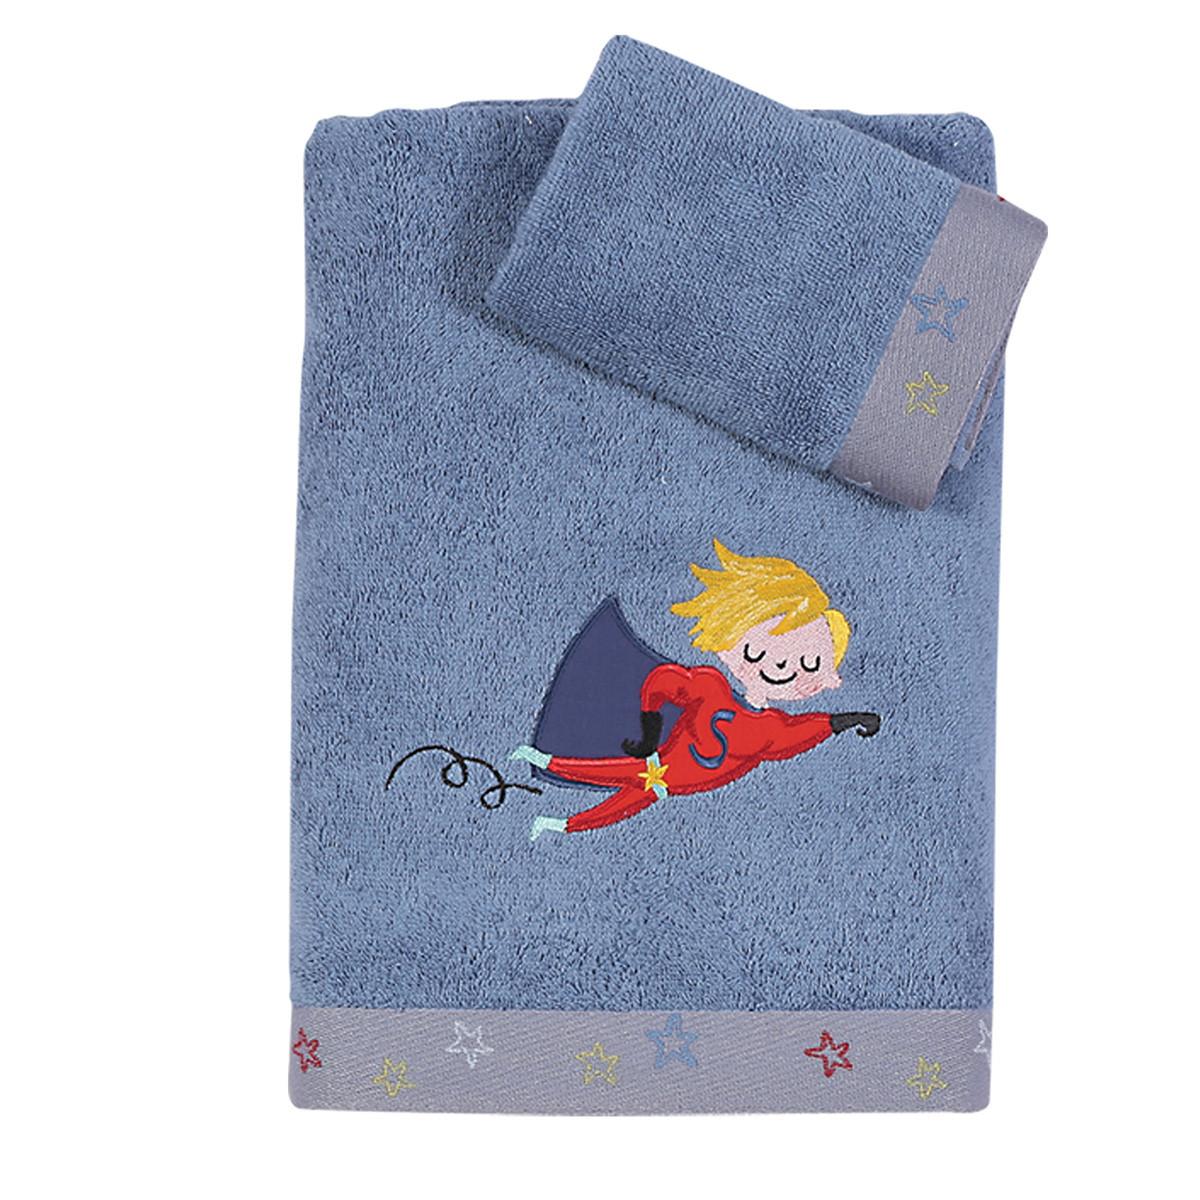 Παιδικές Πετσέτες (Σετ 2τμχ) Nef-Nef Junior My Heroes home   παιδικά   πετσέτες παιδικές